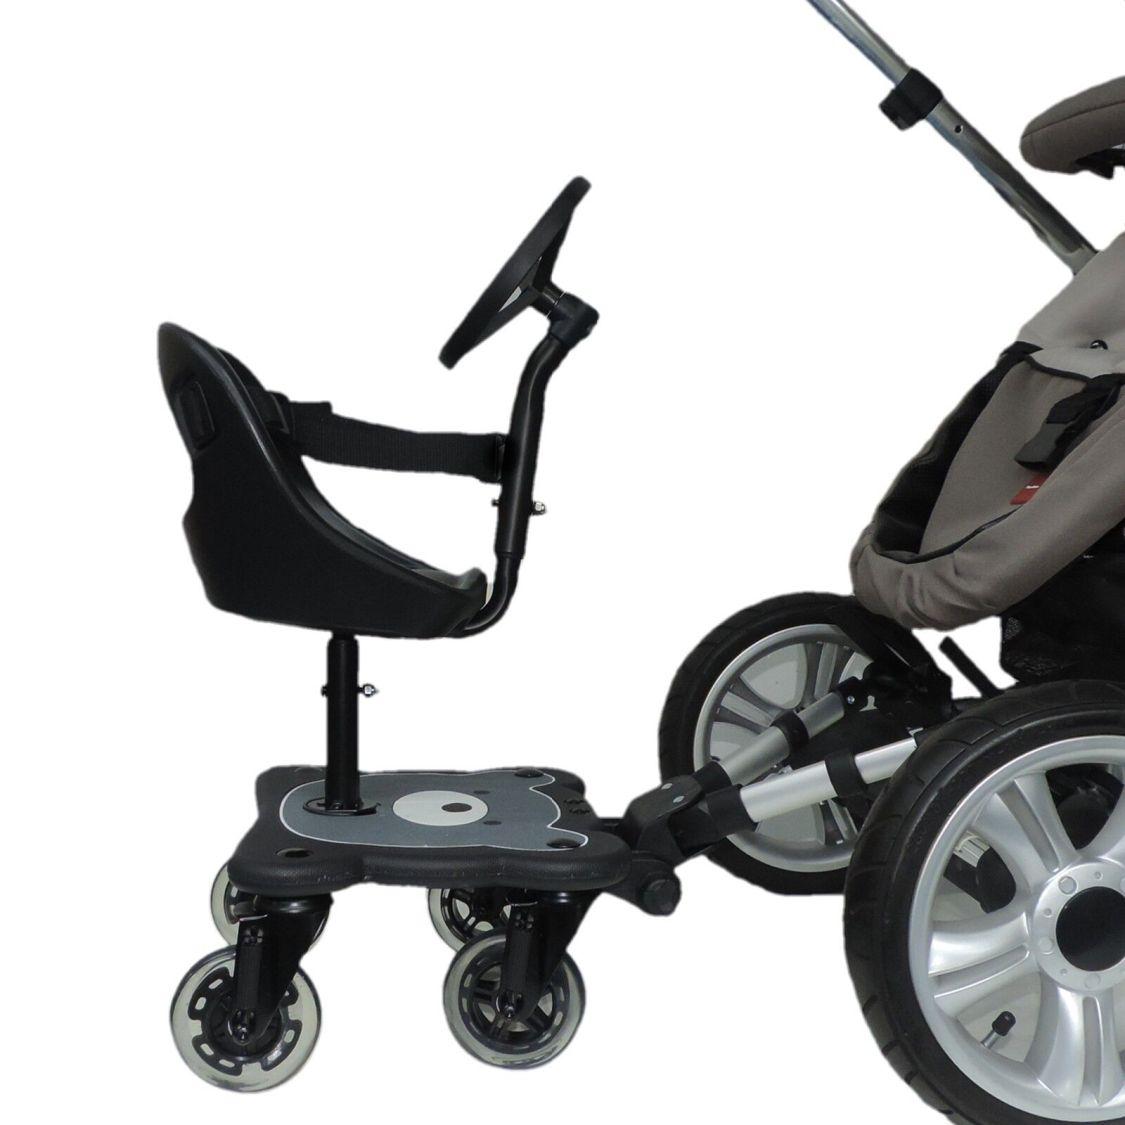 EICHHORN Cozy Rider - mit Sitz - ohne Sitz - 4 Räder oder 2 Räder